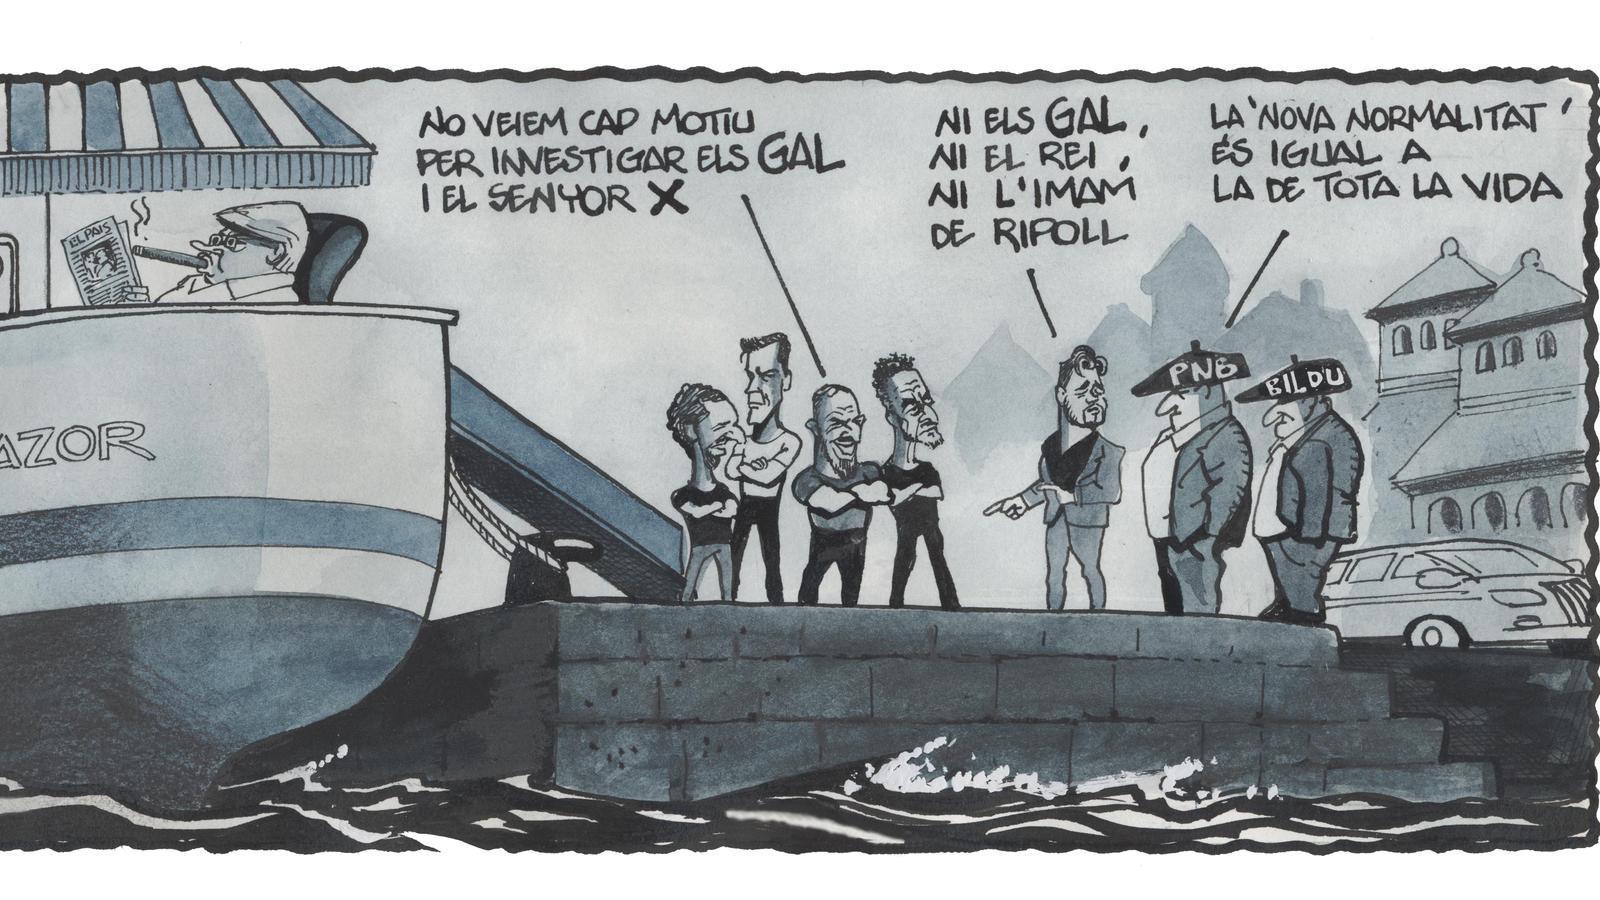 'A la contra', per Ferreres 28/06/2020